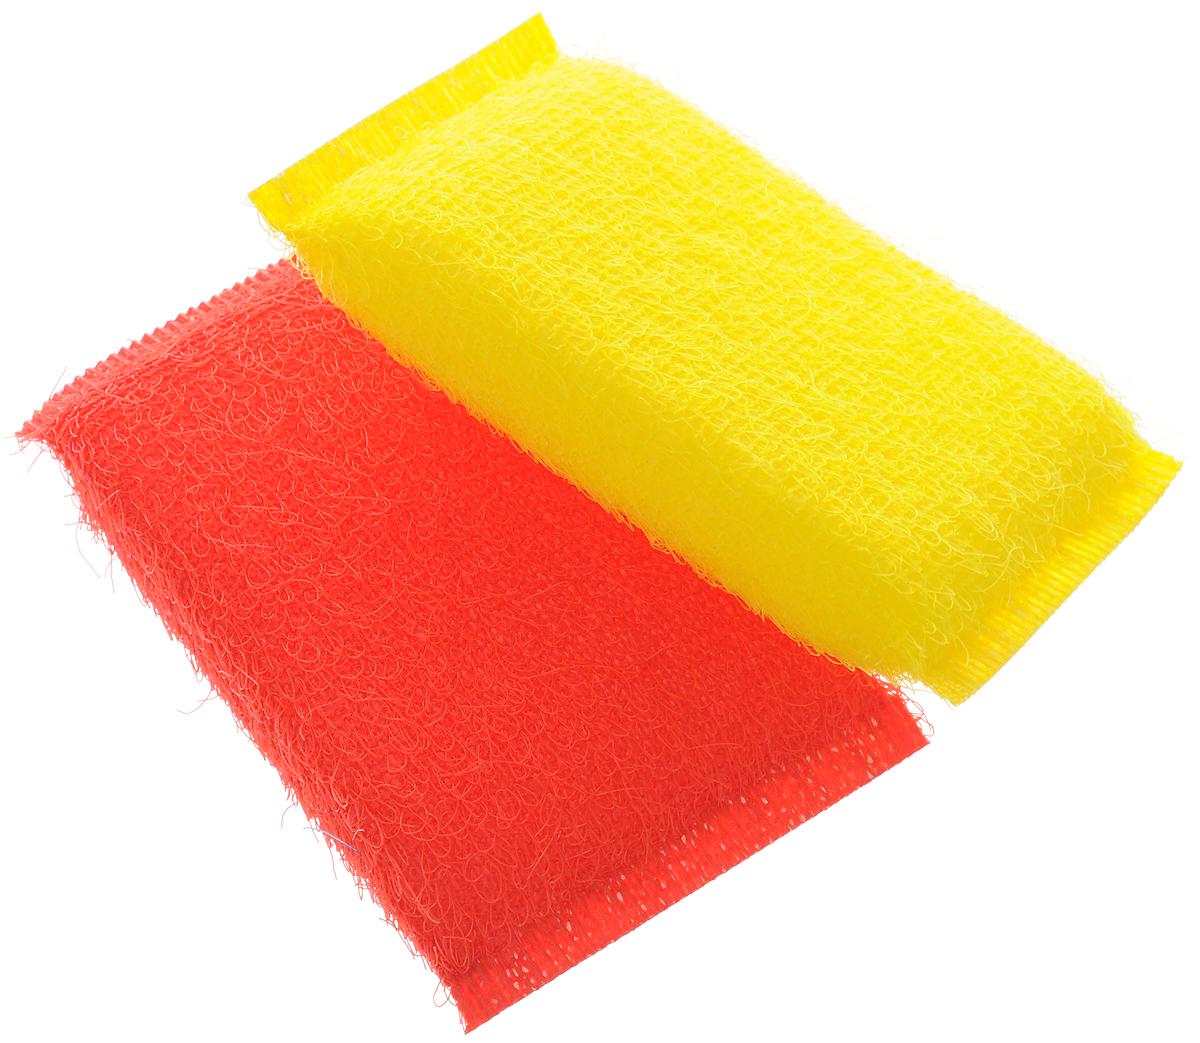 Губка для мытья посуды Хозяюшка Мила Кактус, цвет: желтый, красный, 2 шт1008_желтый, красныйНабор Хозяюшка Мила Кактус состоит из 2 губок, изготовленных из поролона. Они предназначены для интенсивной чистки и удаления сильных загрязнений с посуды (противни, решетки-гриль, кастрюли). Не рекомендуется использовать для посуды с антипригарным покрытием. Губки сохраняют чистоту и свежесть даже после многократного применения, а их эргономичная форма удобна для руки. Размер губки: 12 х 2 х 8 см.